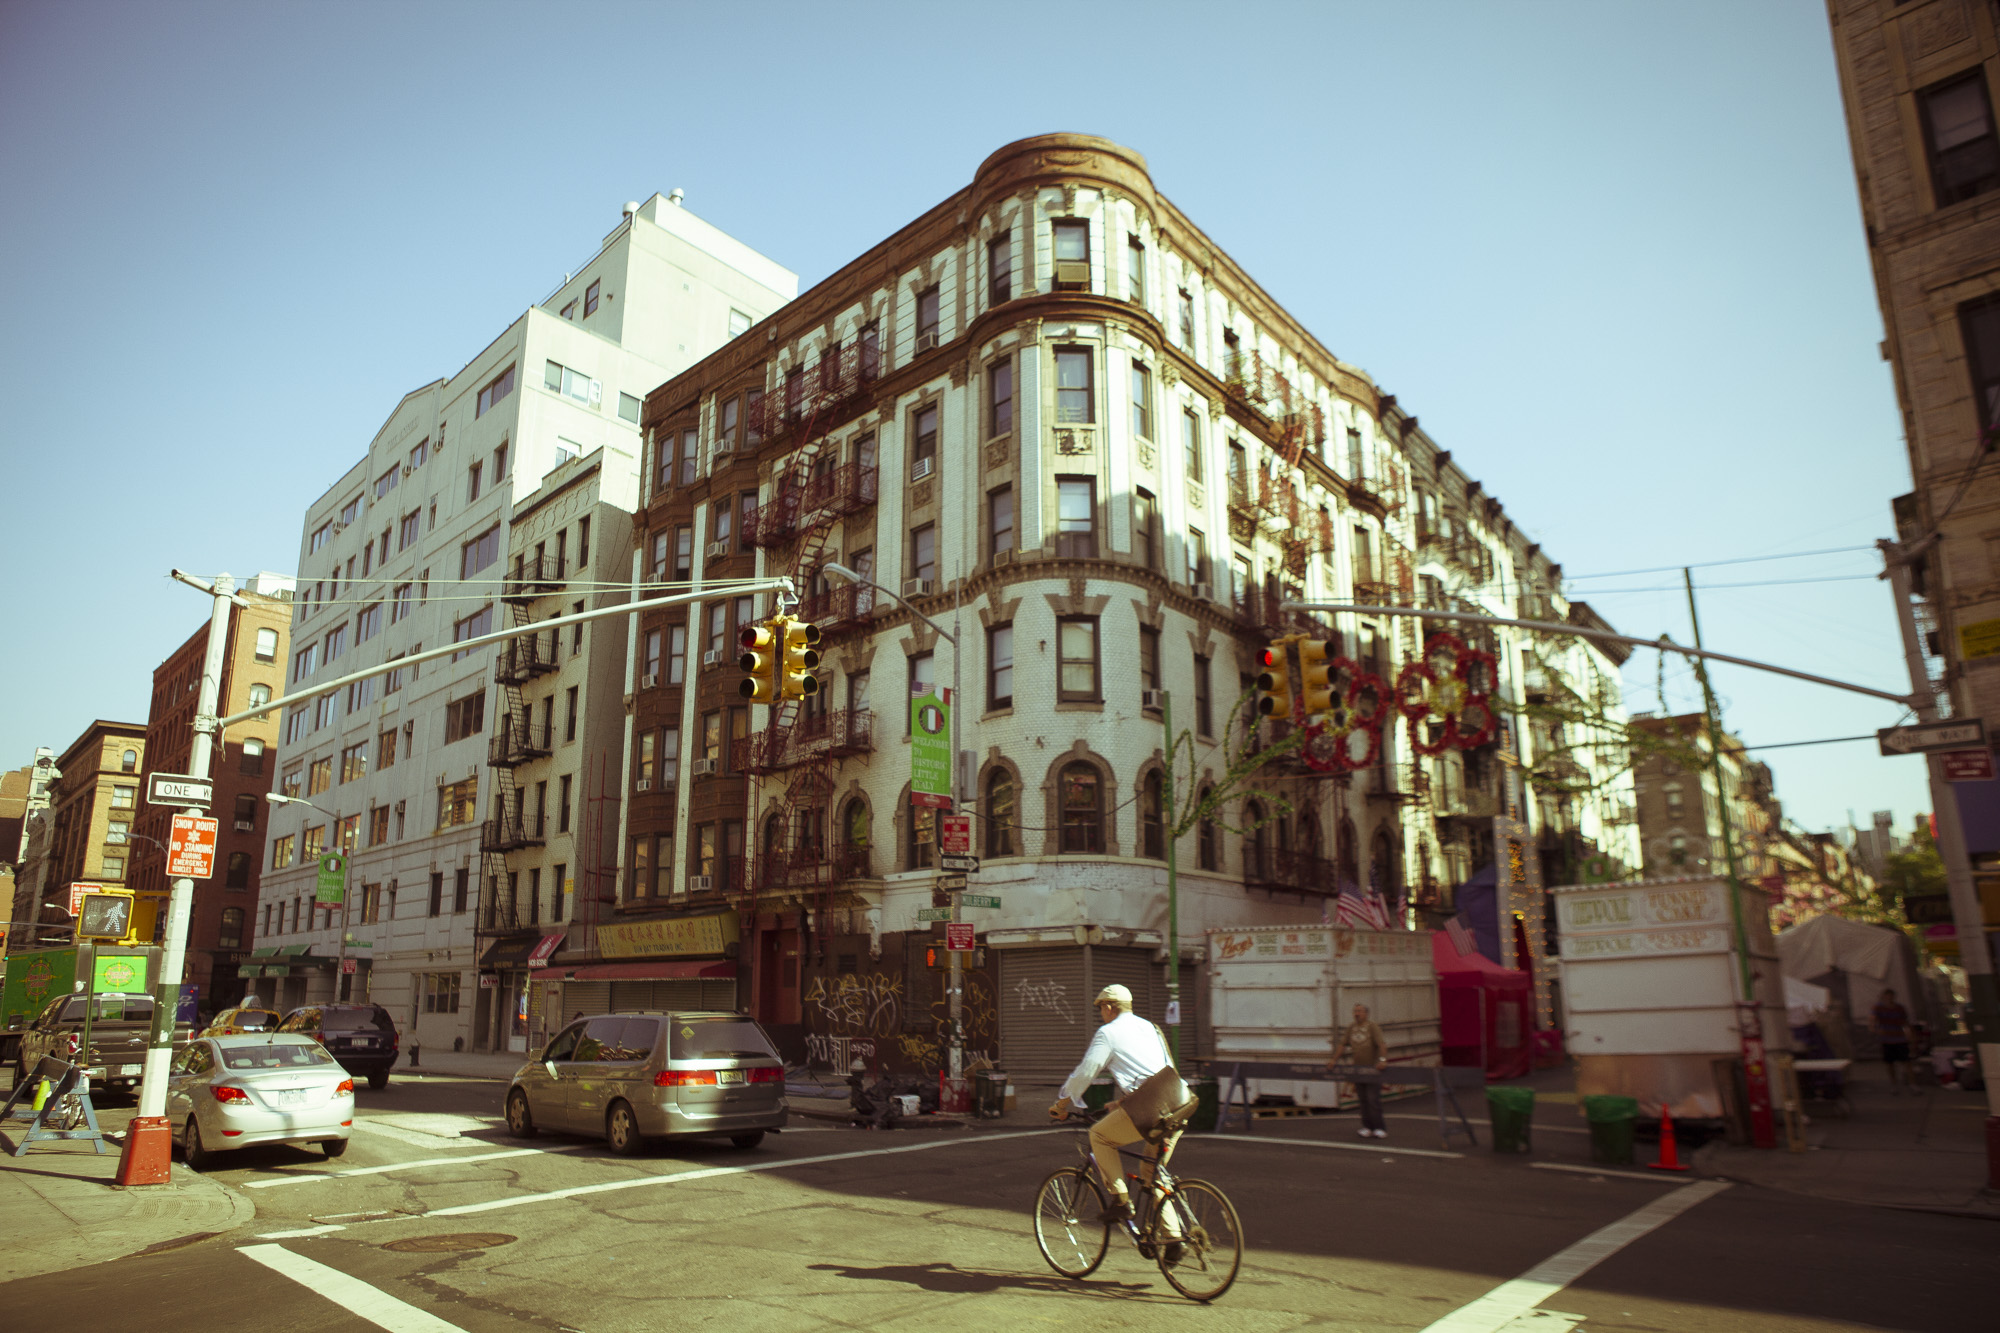 kyrani-kanavaros-new-york-photography-59.jpg